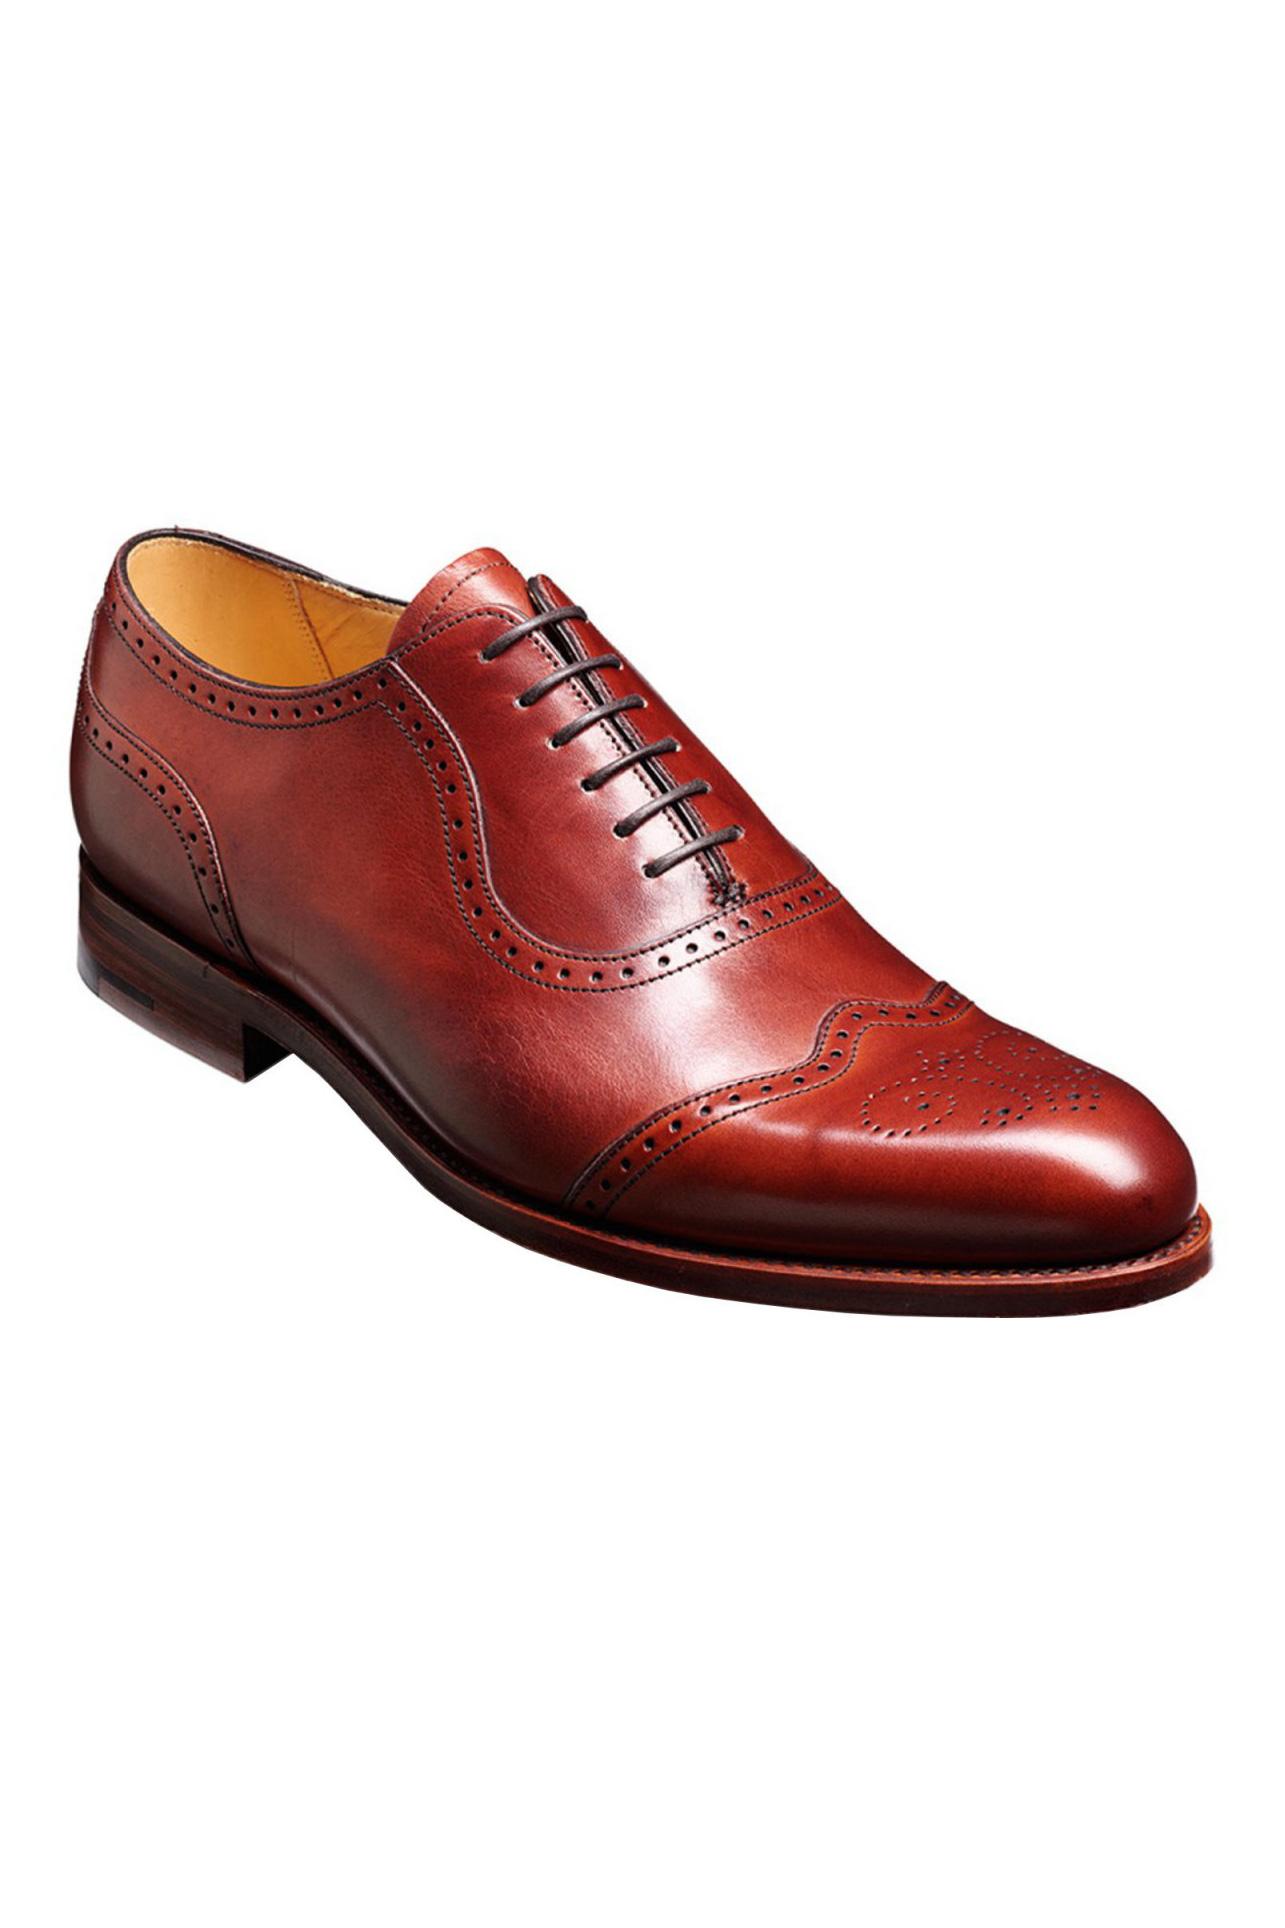 Pantofi Barker Linz - Rosewood Calf - NOU!